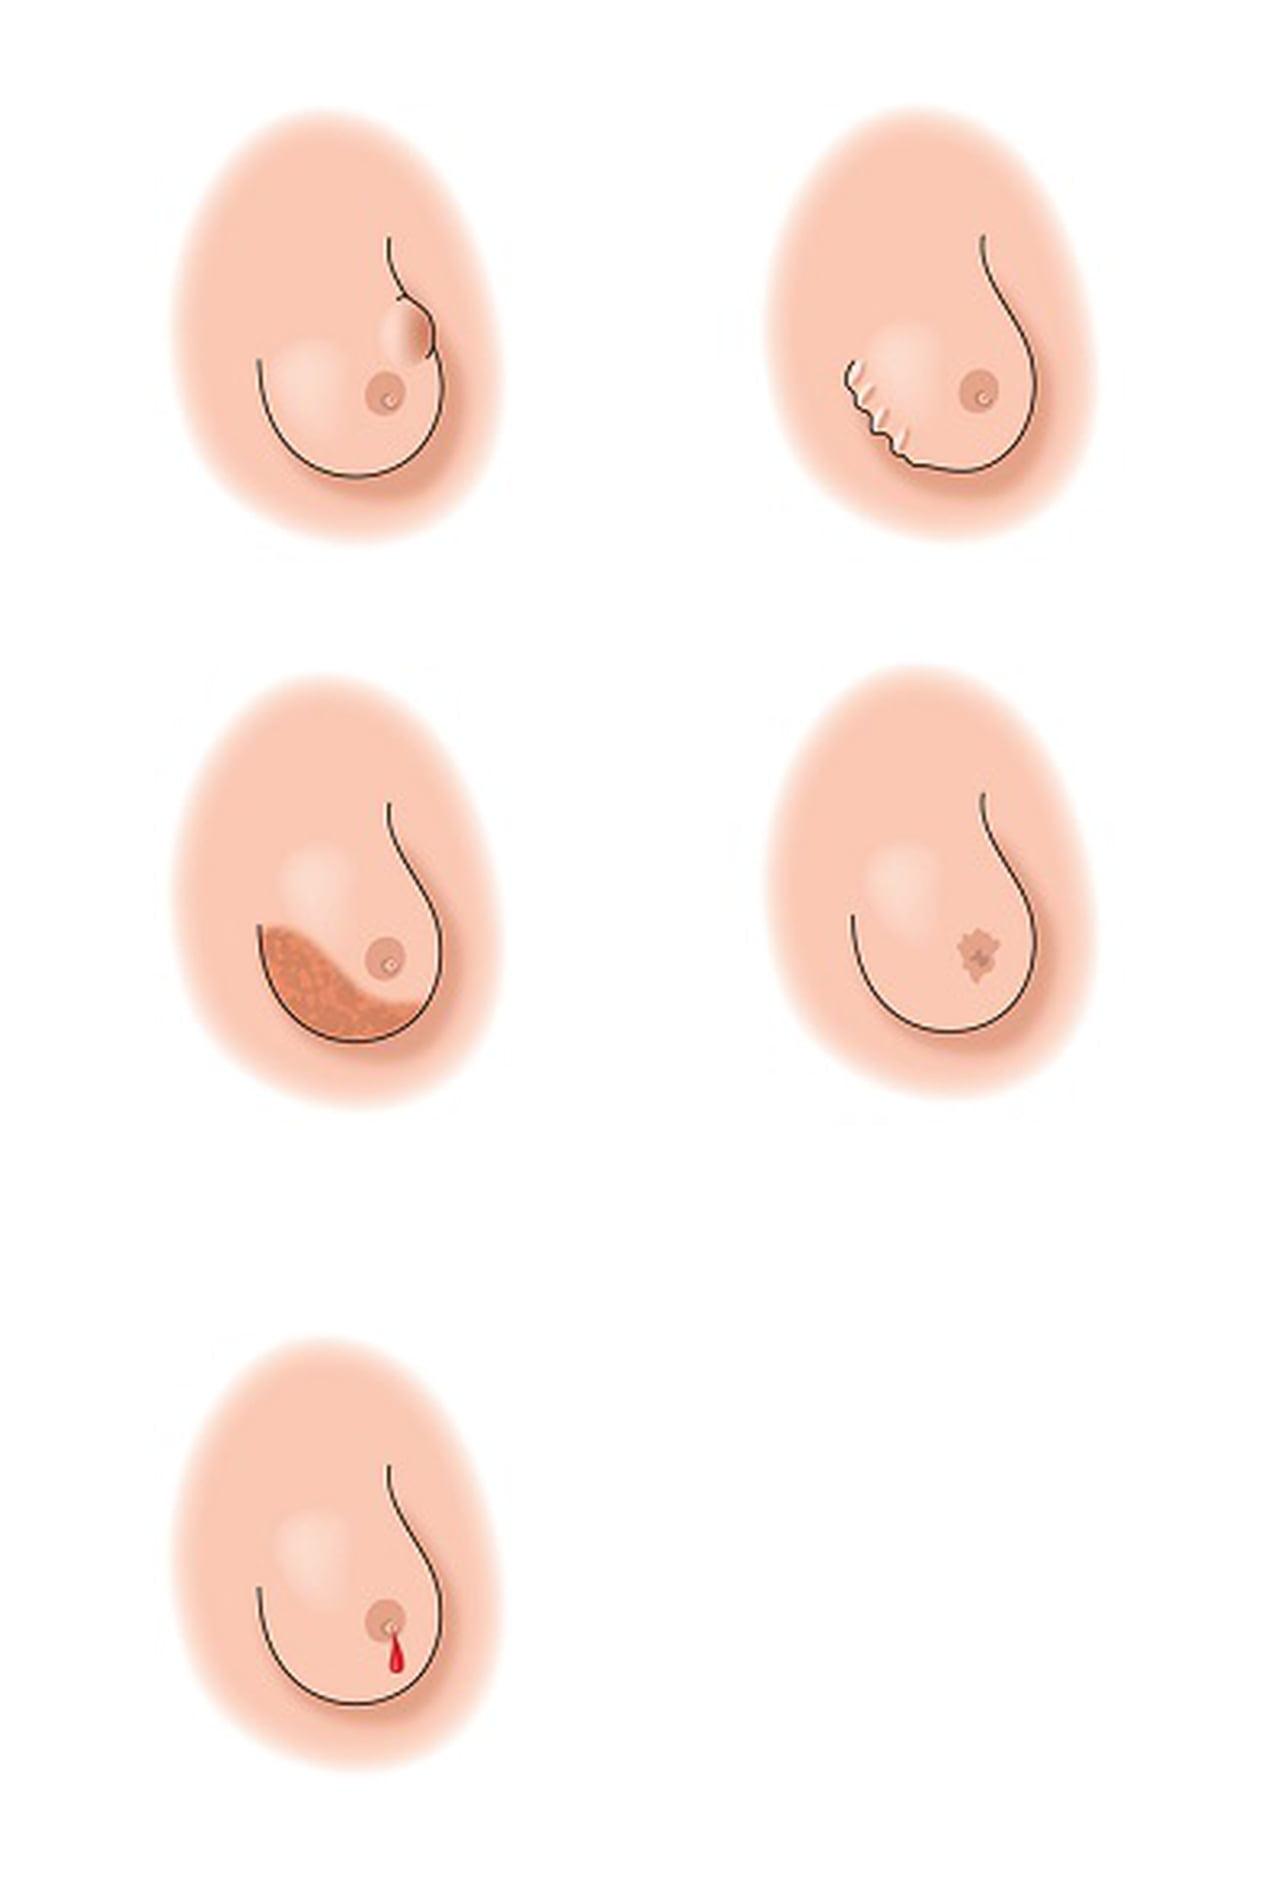 صورة انواع ثدي المراة بالصور , معلومات علميه عن ثدي المراه بالصور